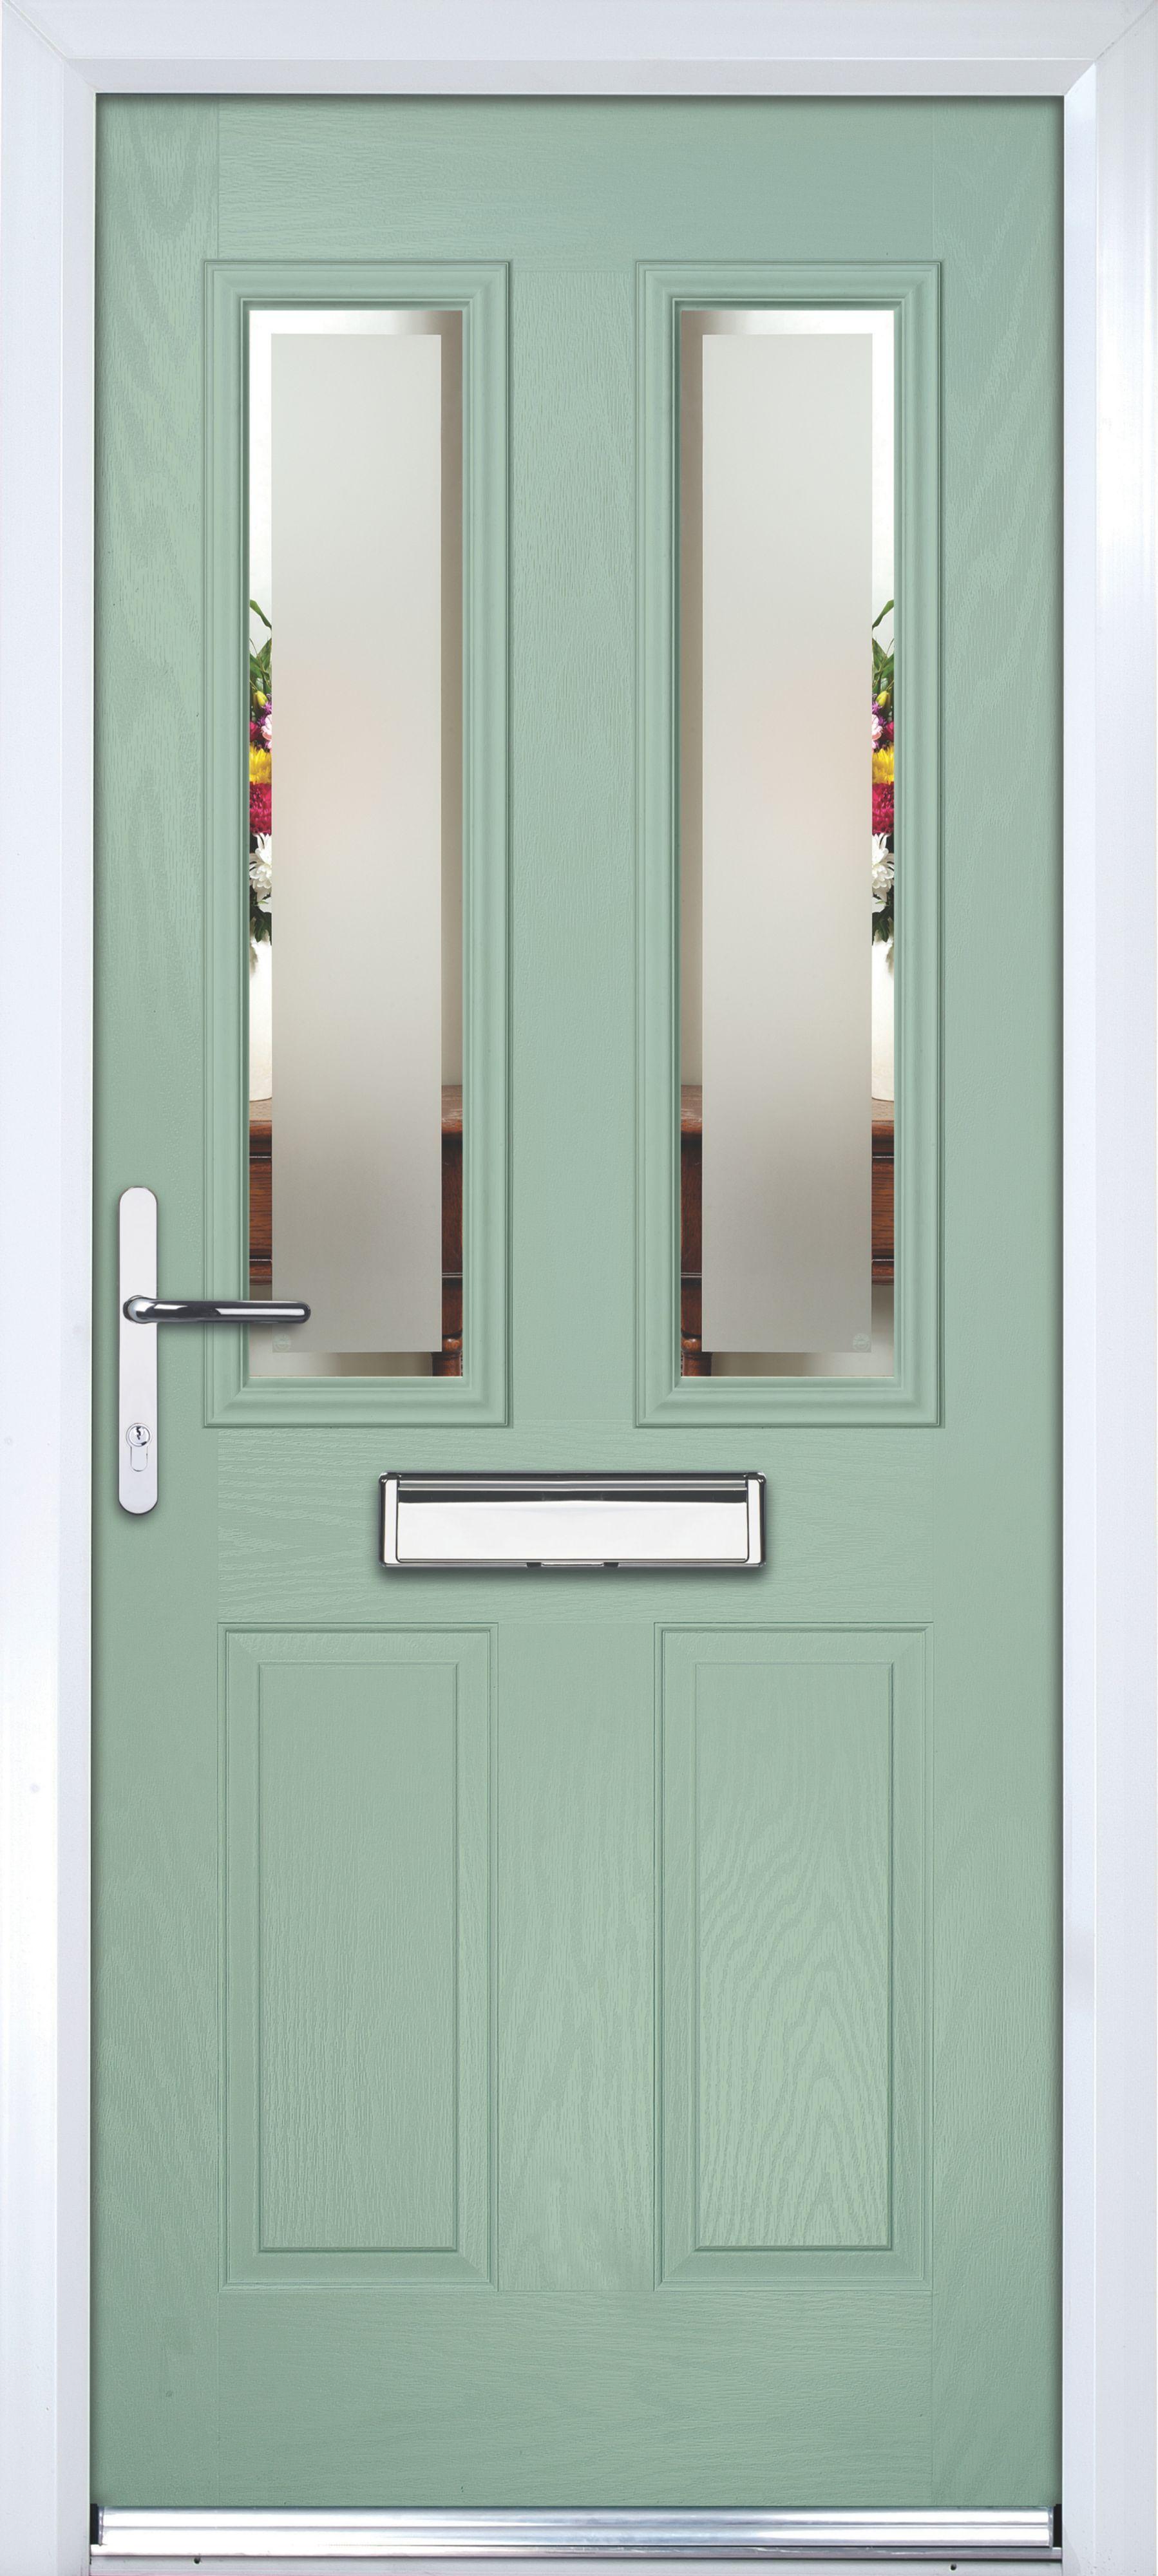 Composite Green PVCu & GRP Glazed External Front Door & Frame Rh, (H ...